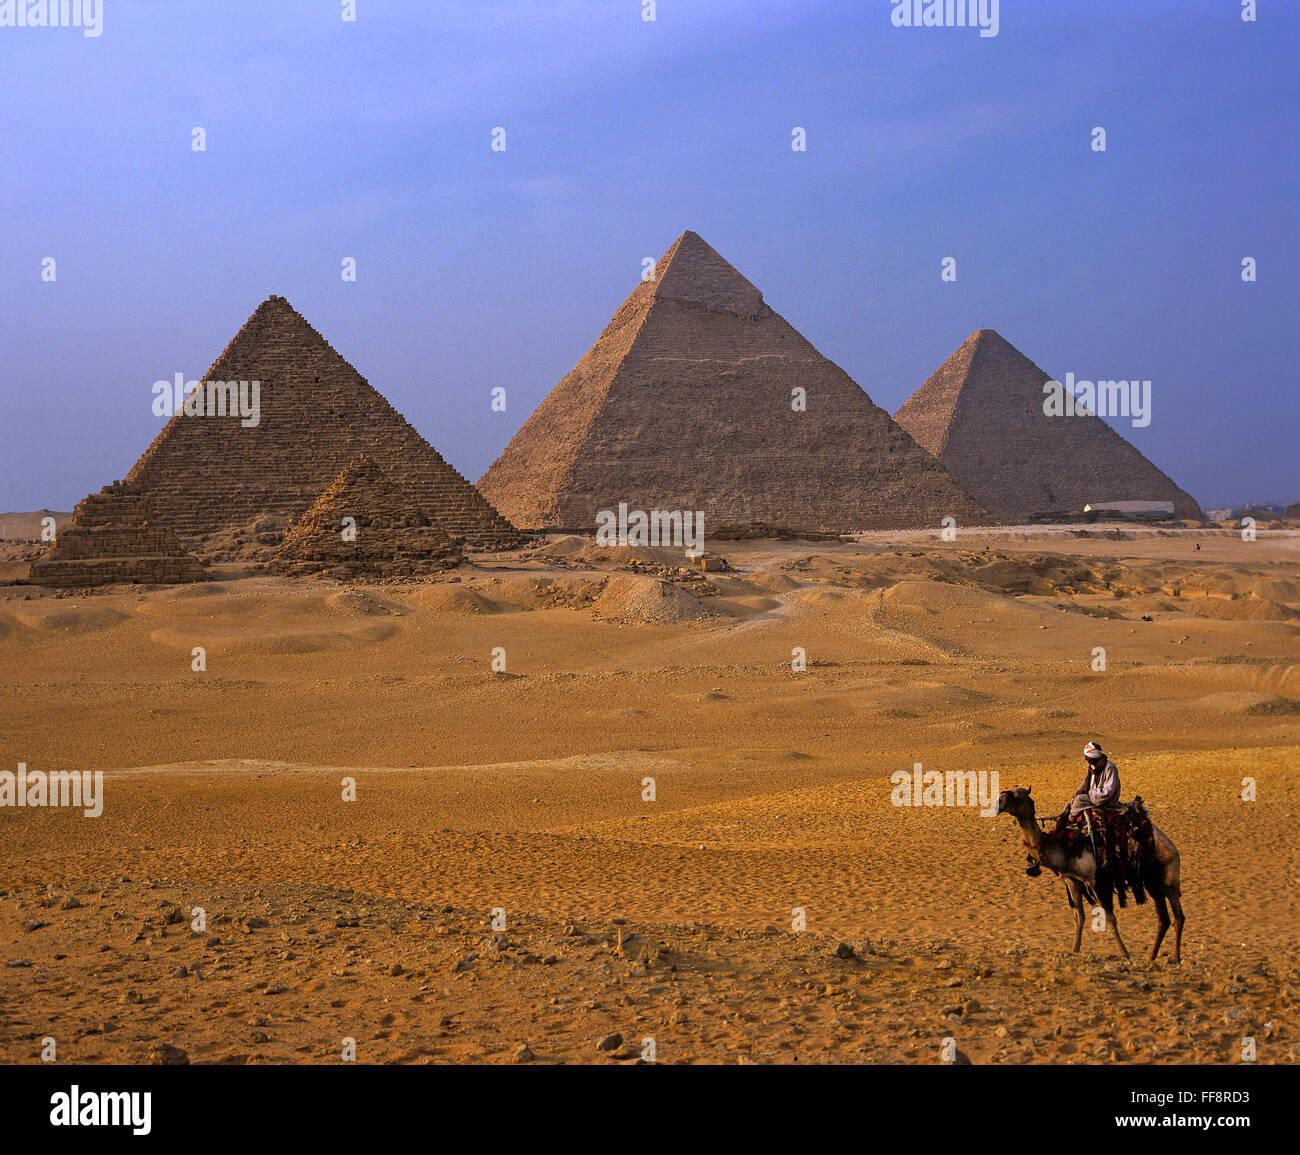 Les chameaux et pyramides, Gizeh plateau, Le Caire, Égypte, Afrique Photo Stock